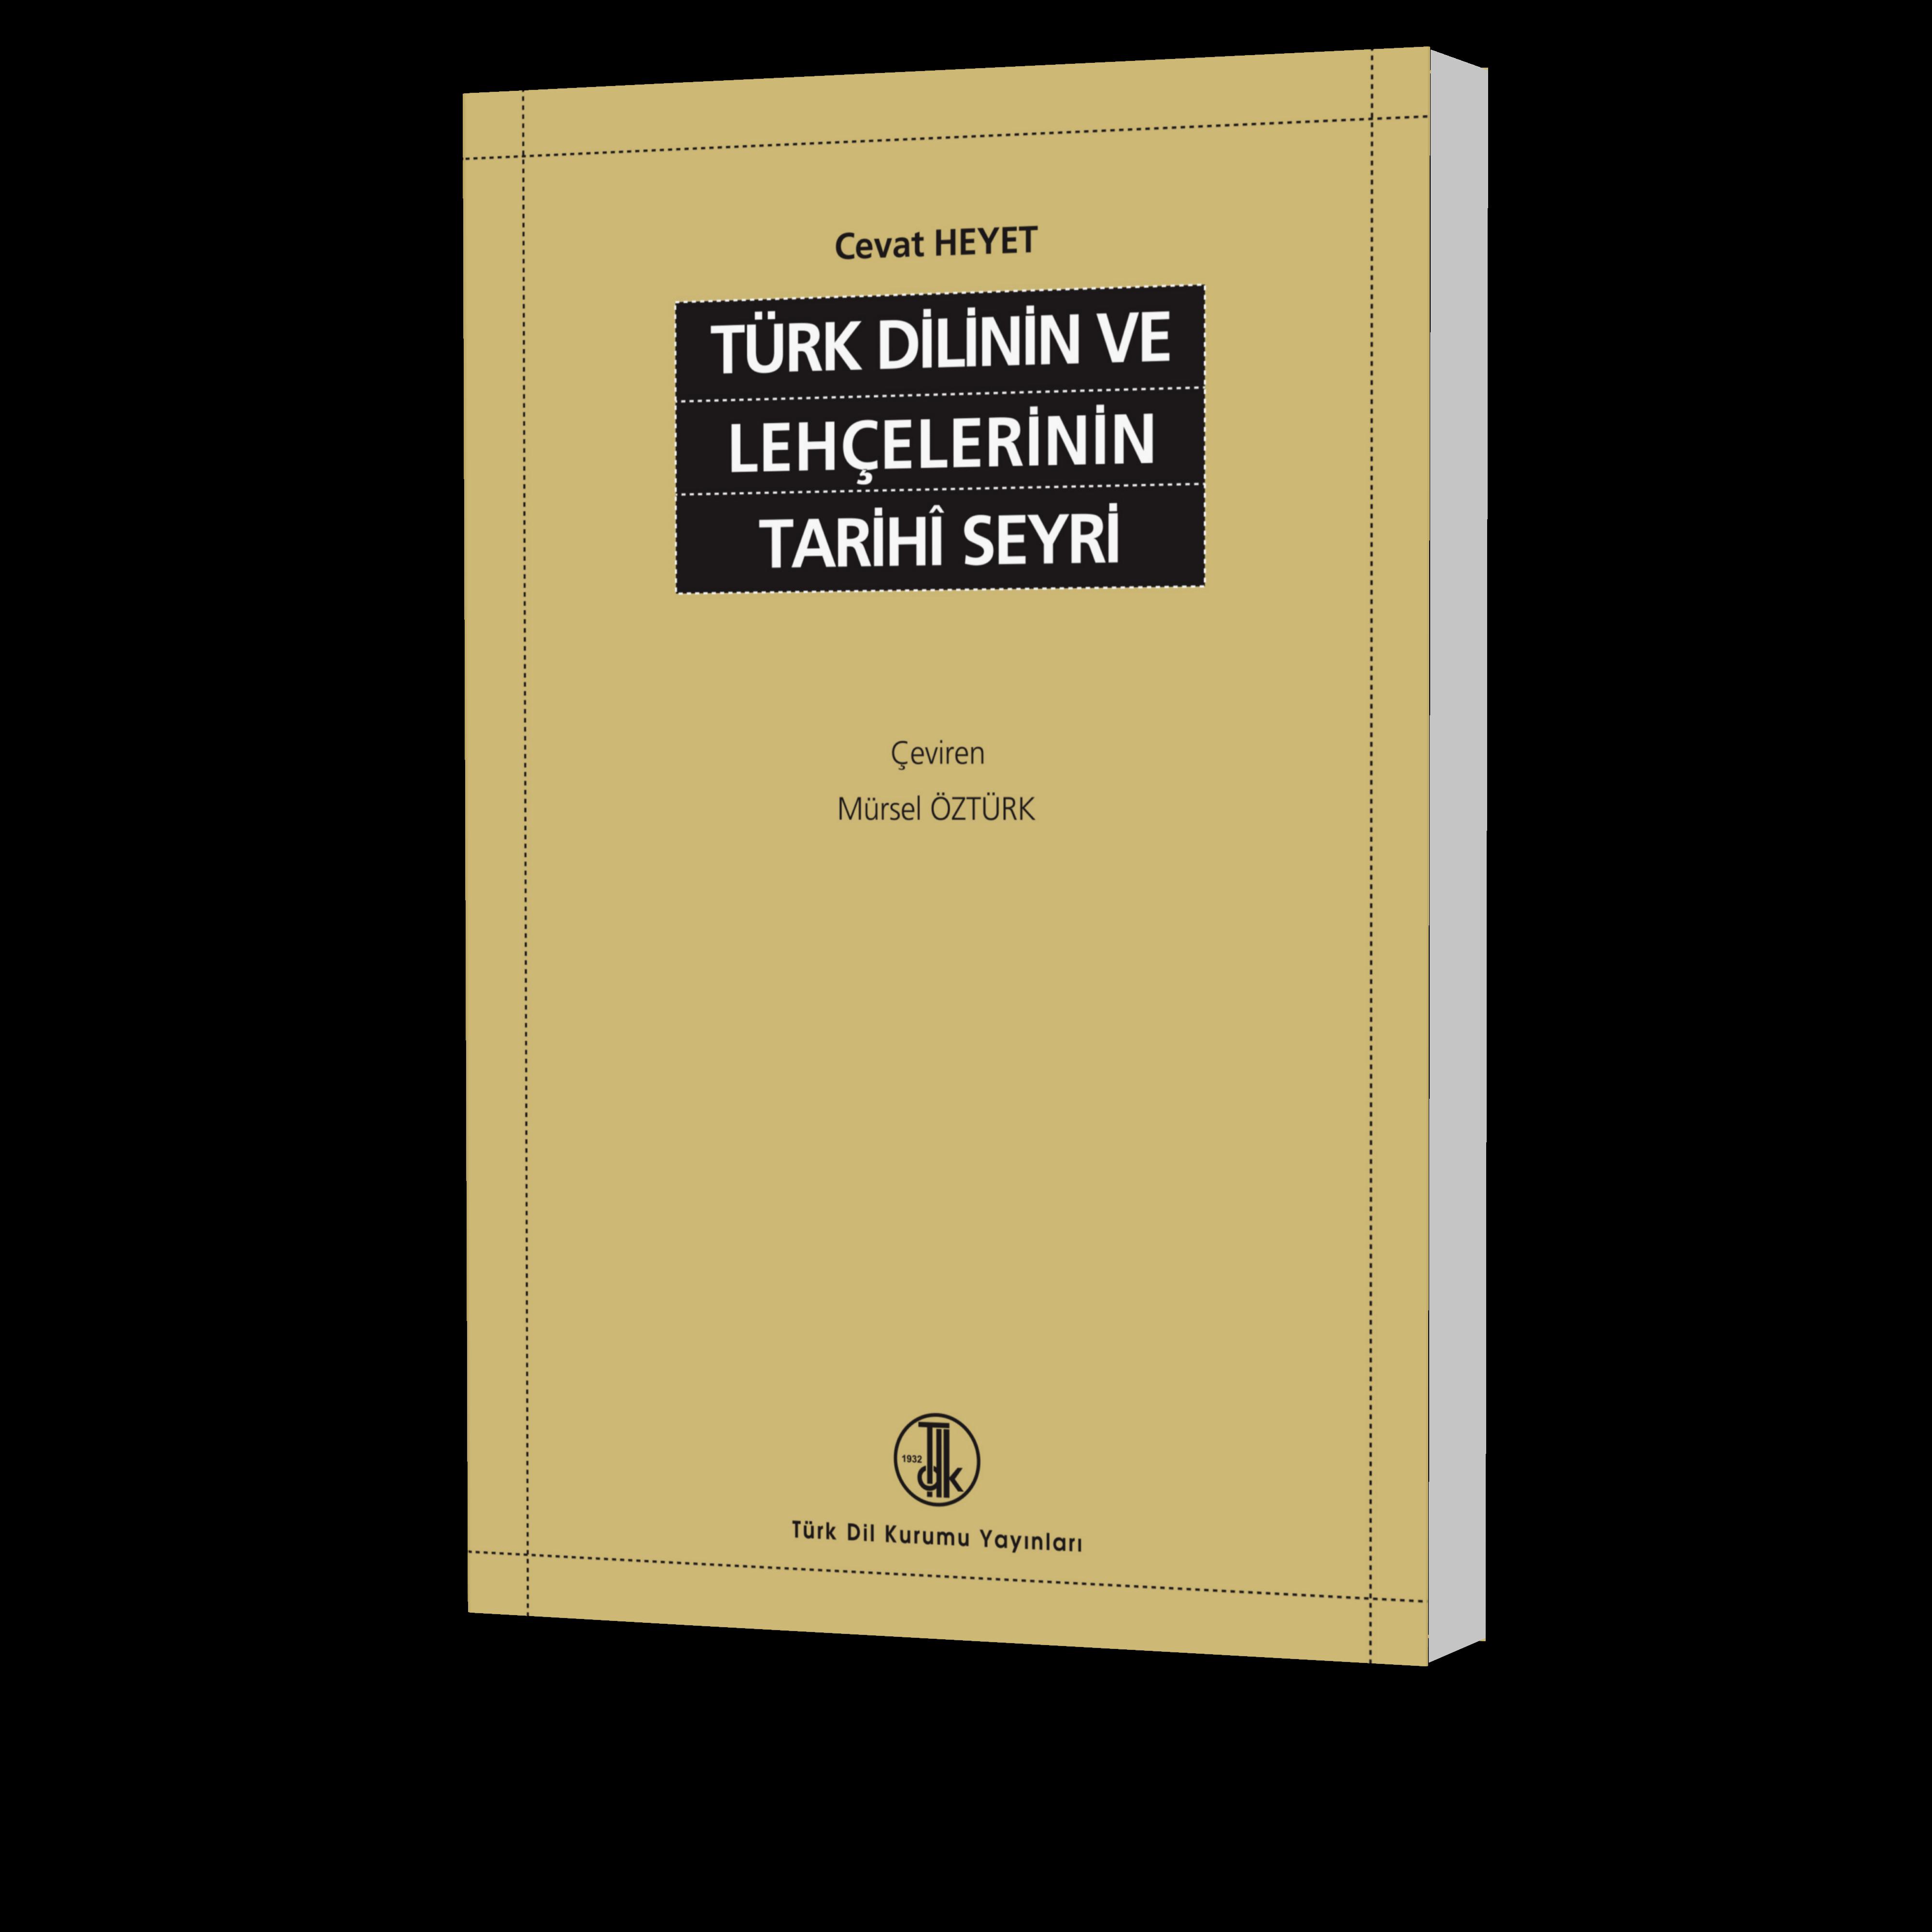 Türk Dilinin ve Lehçelerinin Tarihî Seyri, 2021